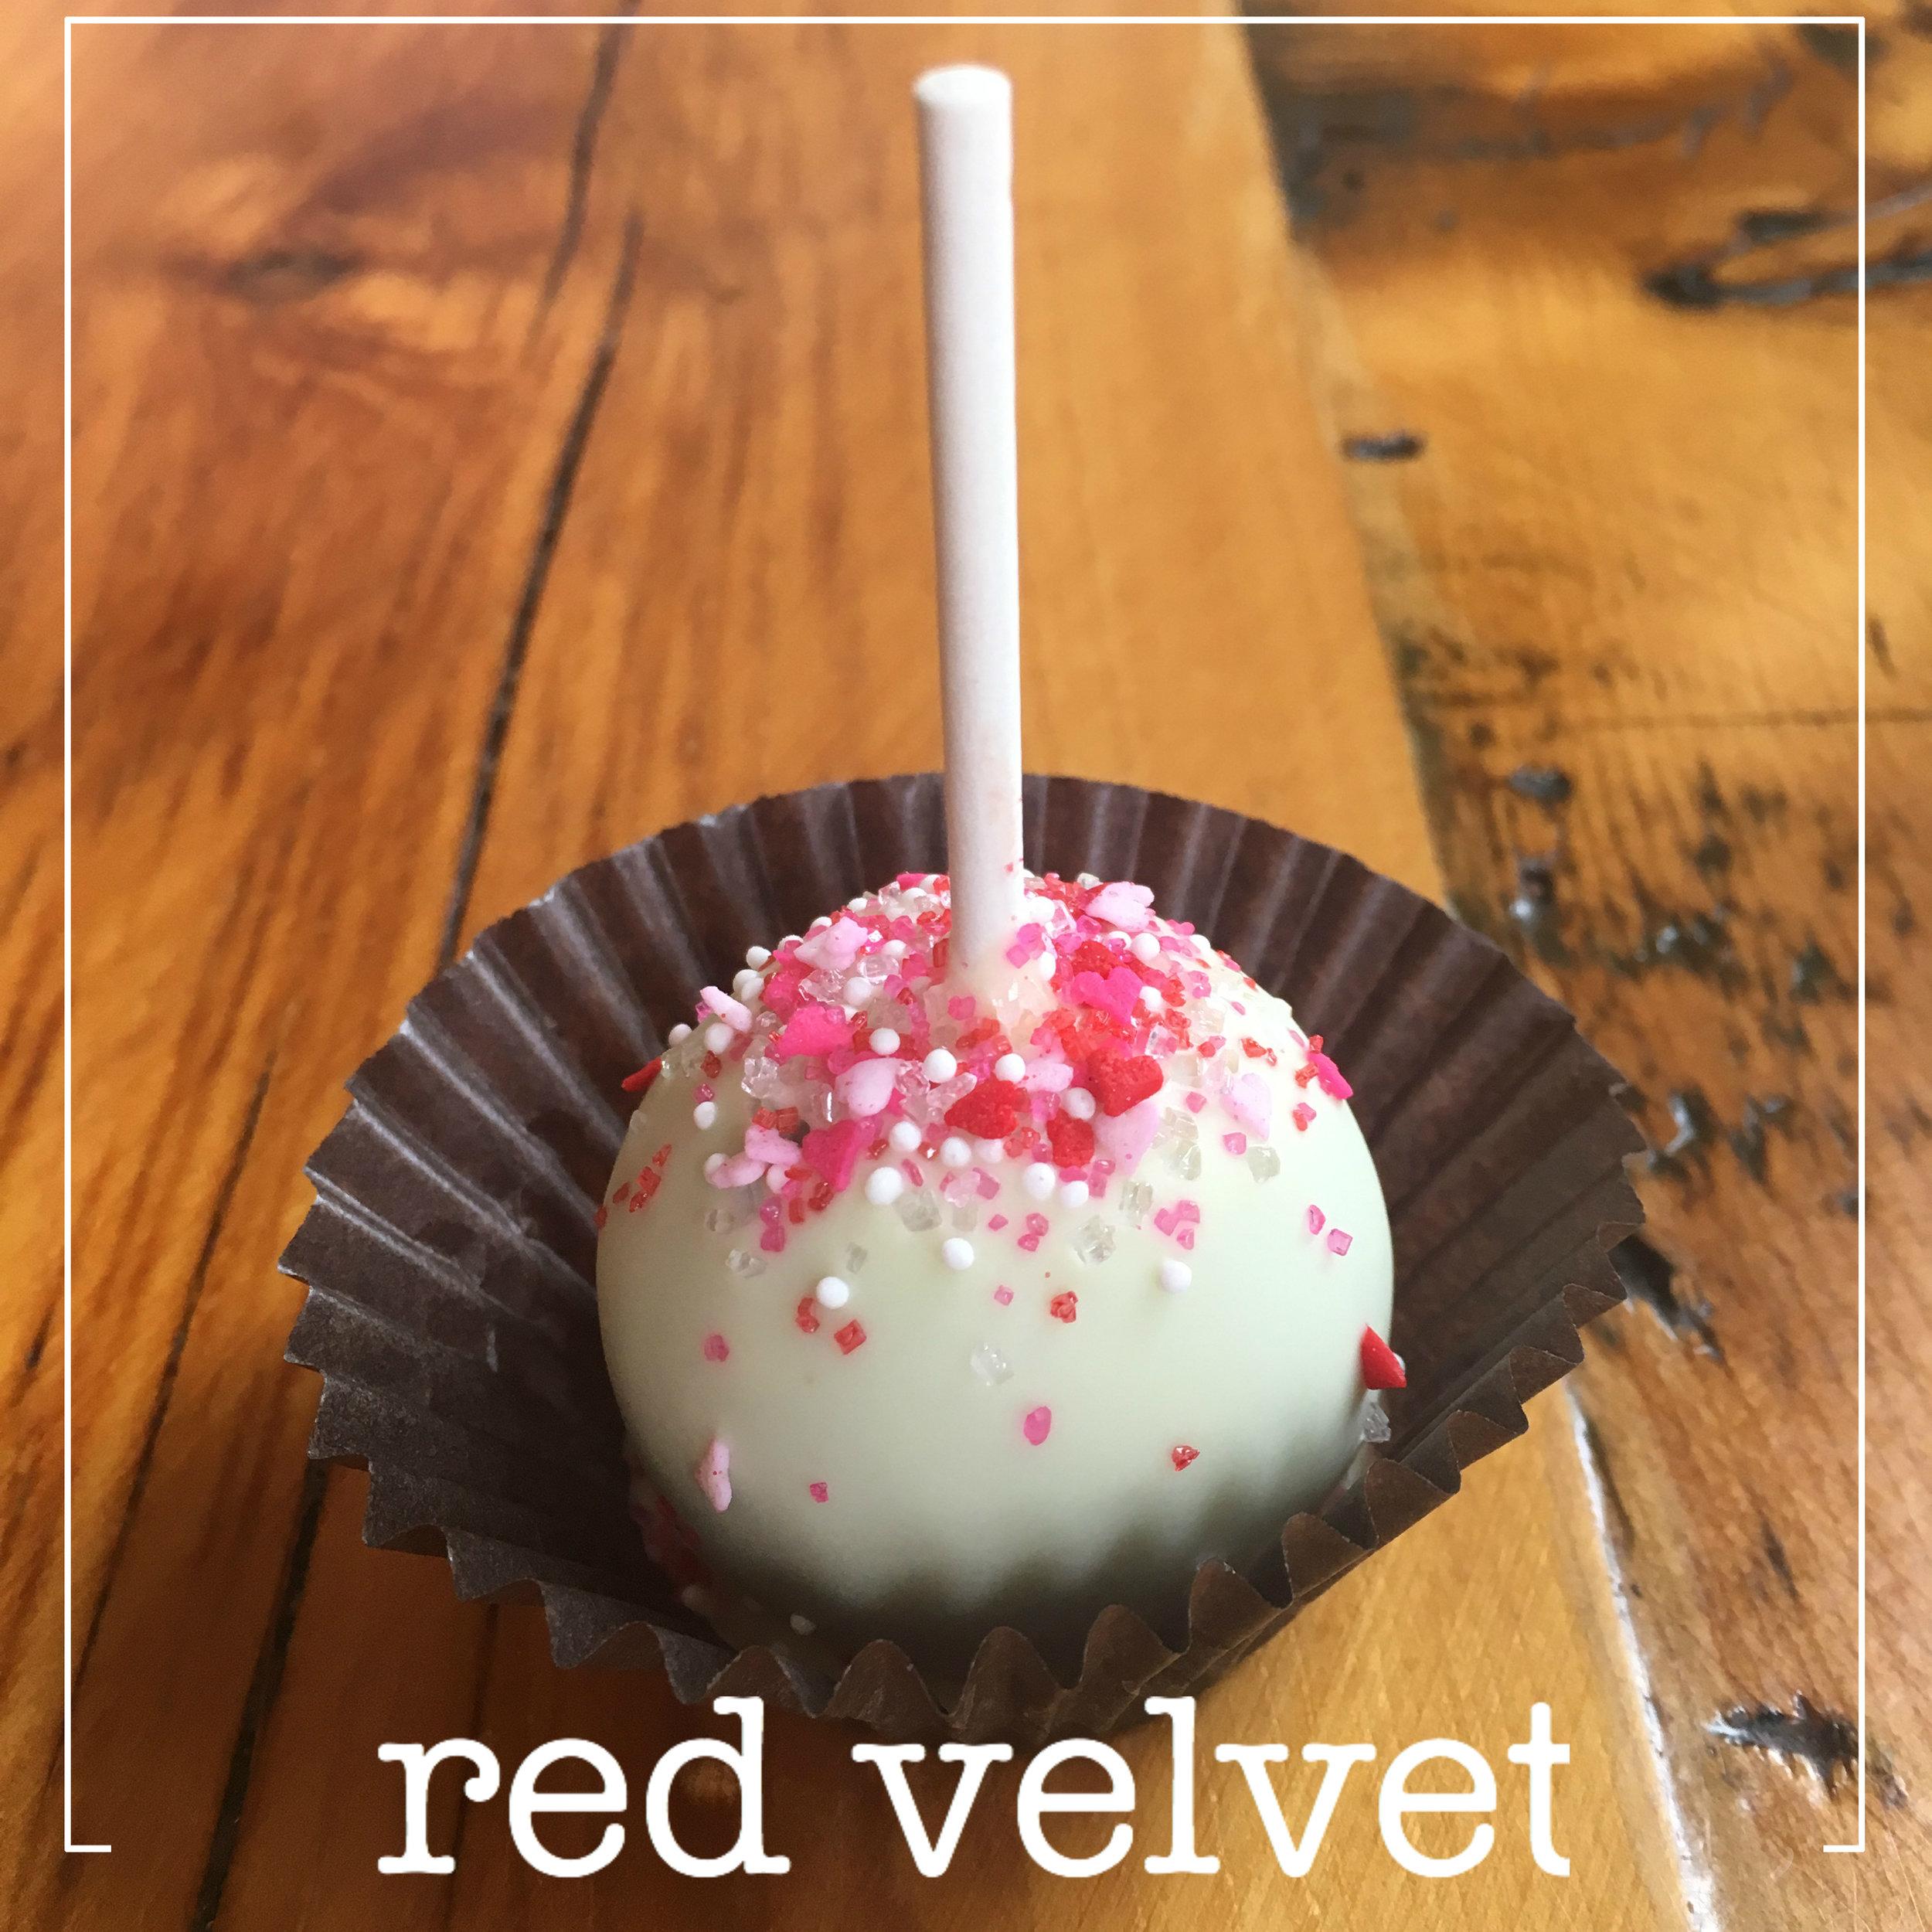 Red Velvet pop.jpg